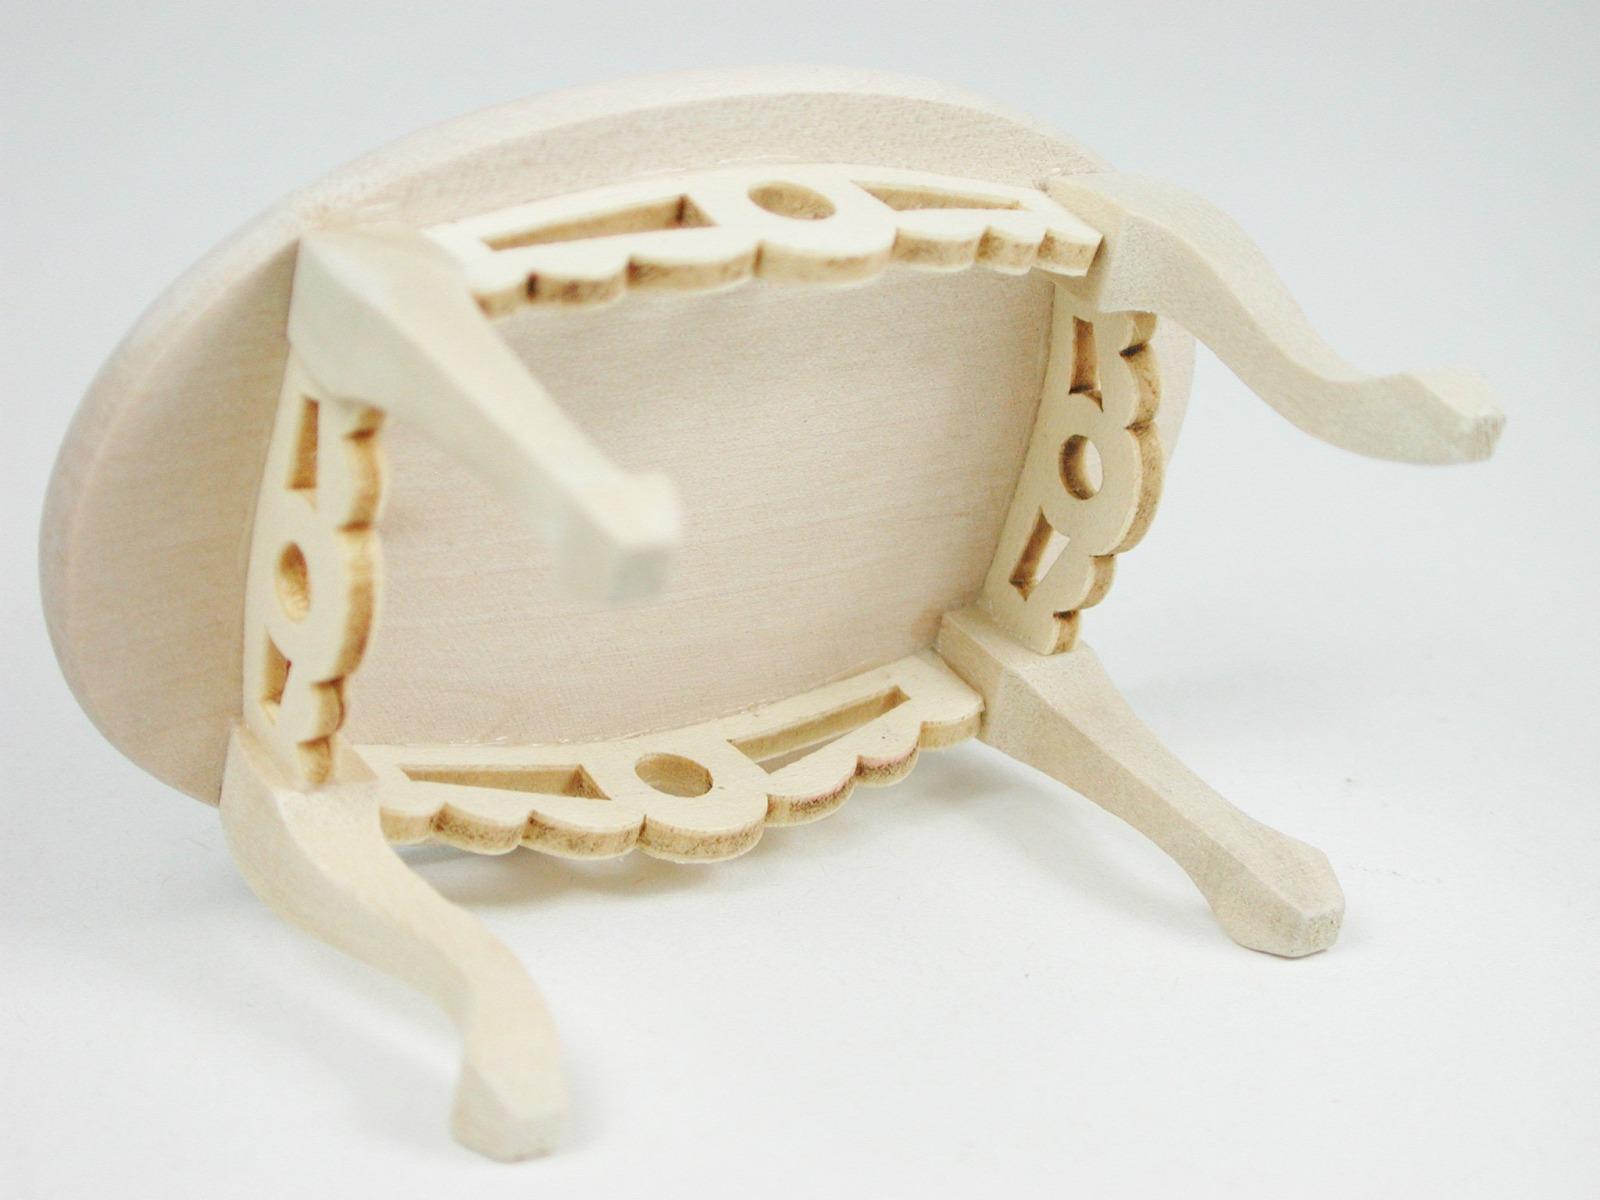 Tisch oval Couchtisch 1:12 Miniatur 6